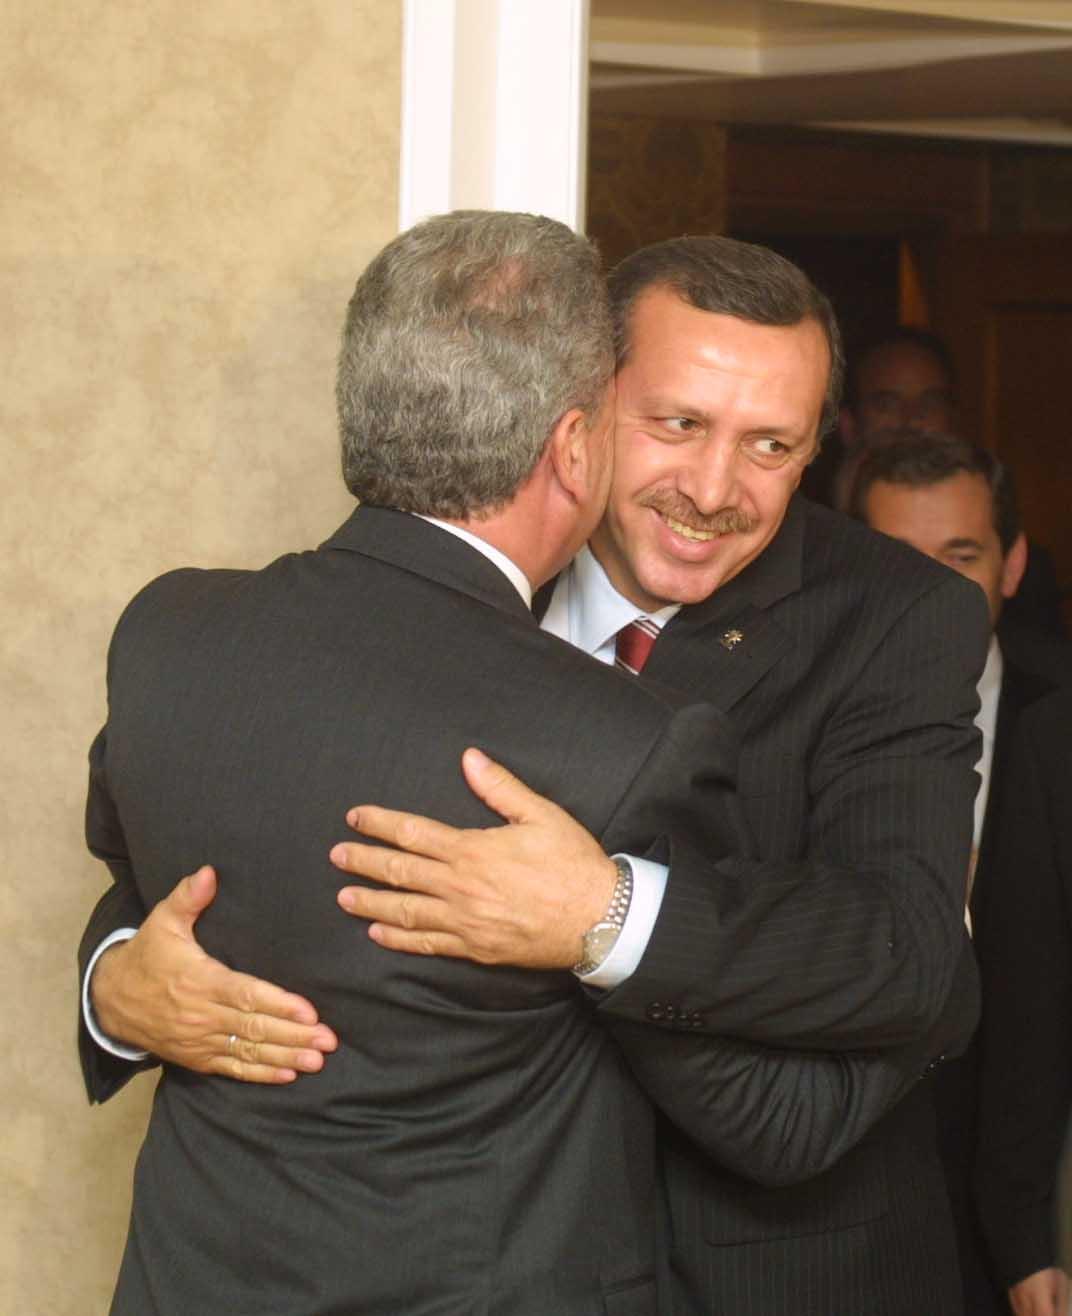 Αγκαλιές Αβραμόπουλου - Ερντογάν όταν ο Ταγίπ ήταν έτοιμος για ...